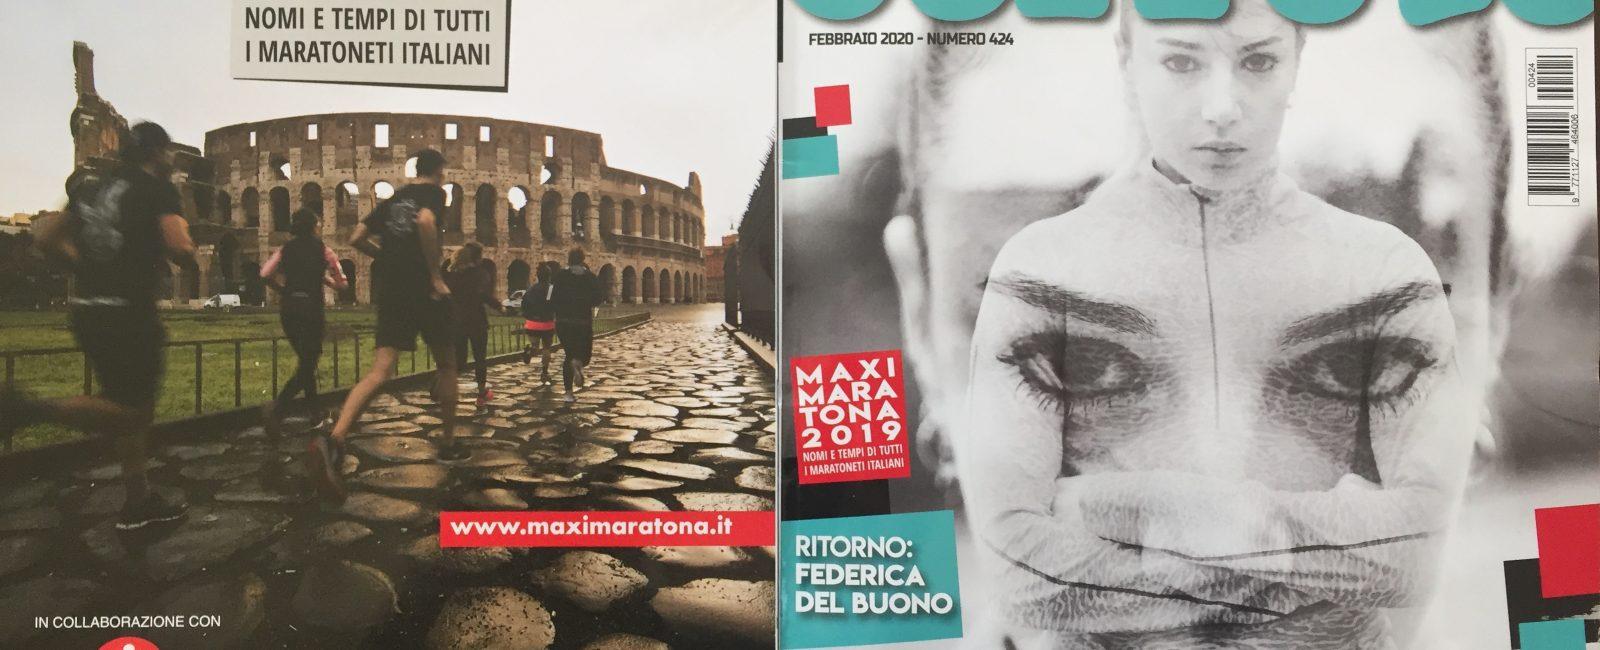 analisi maratoneti italiani 2019